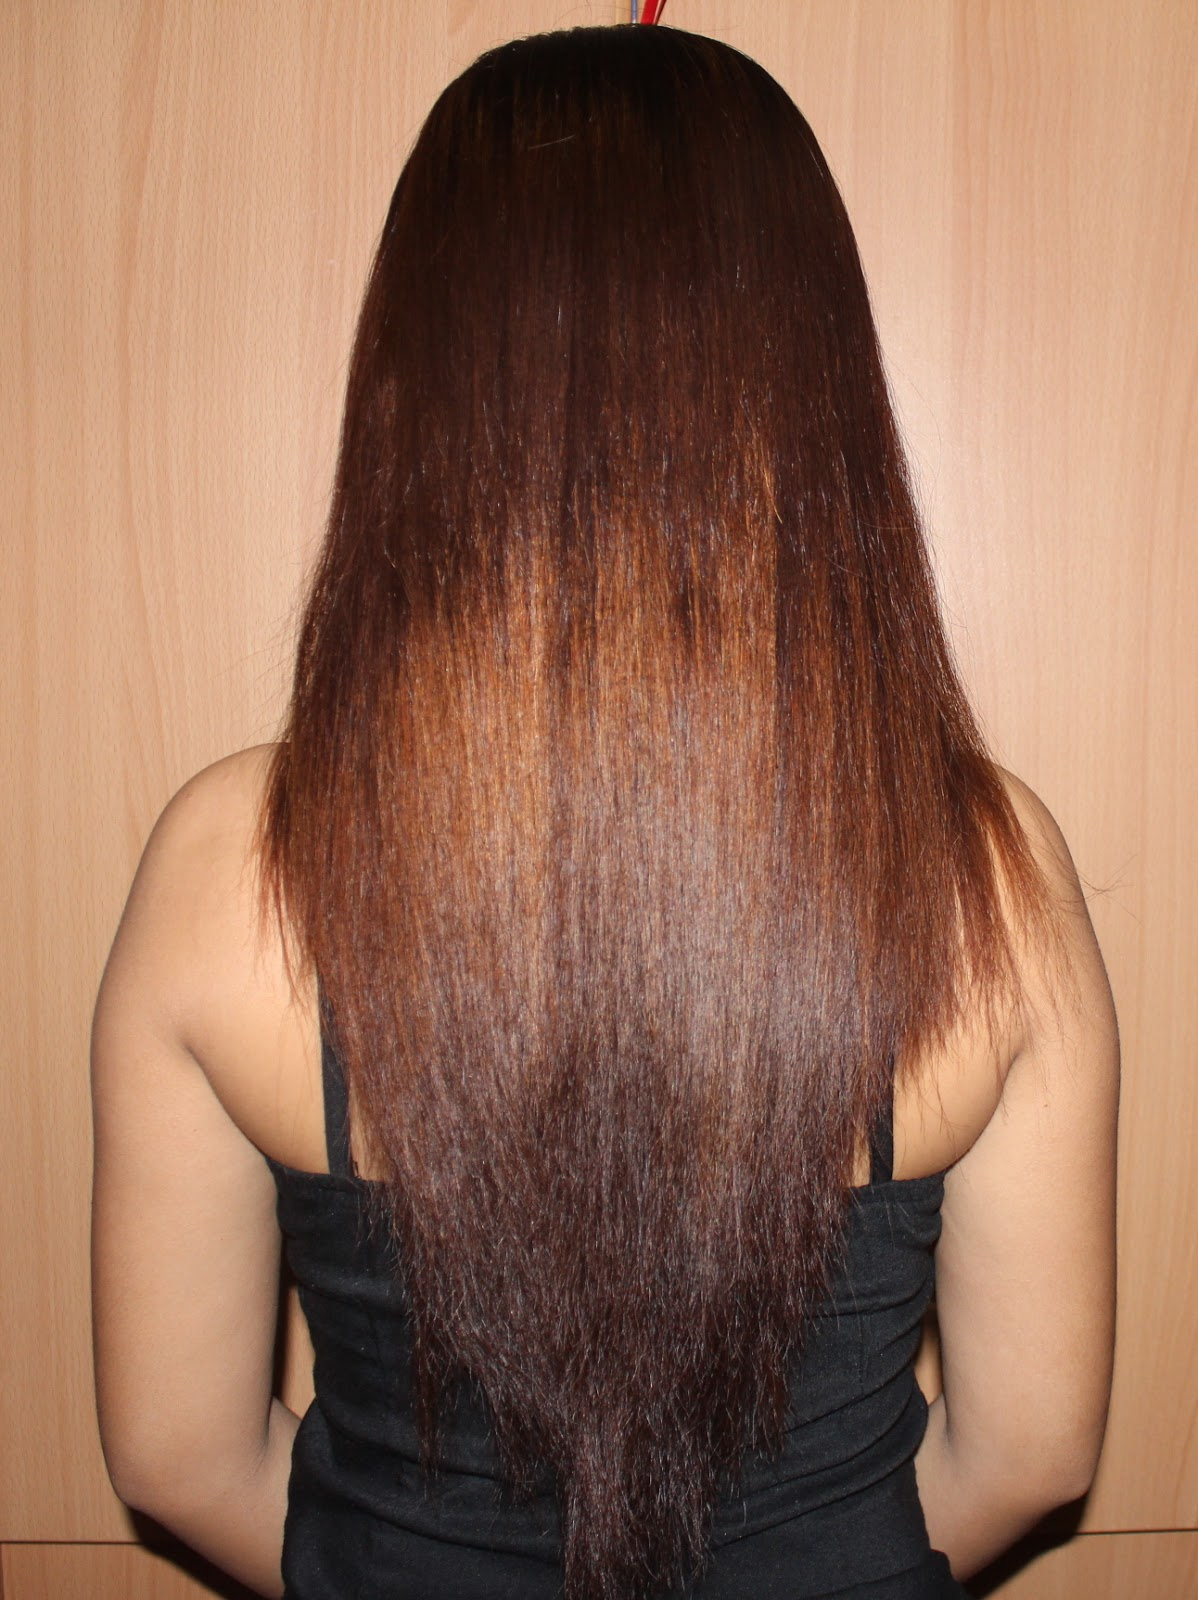 Real Asian Beauty Hair Rebond At Heavens Salon And Spa